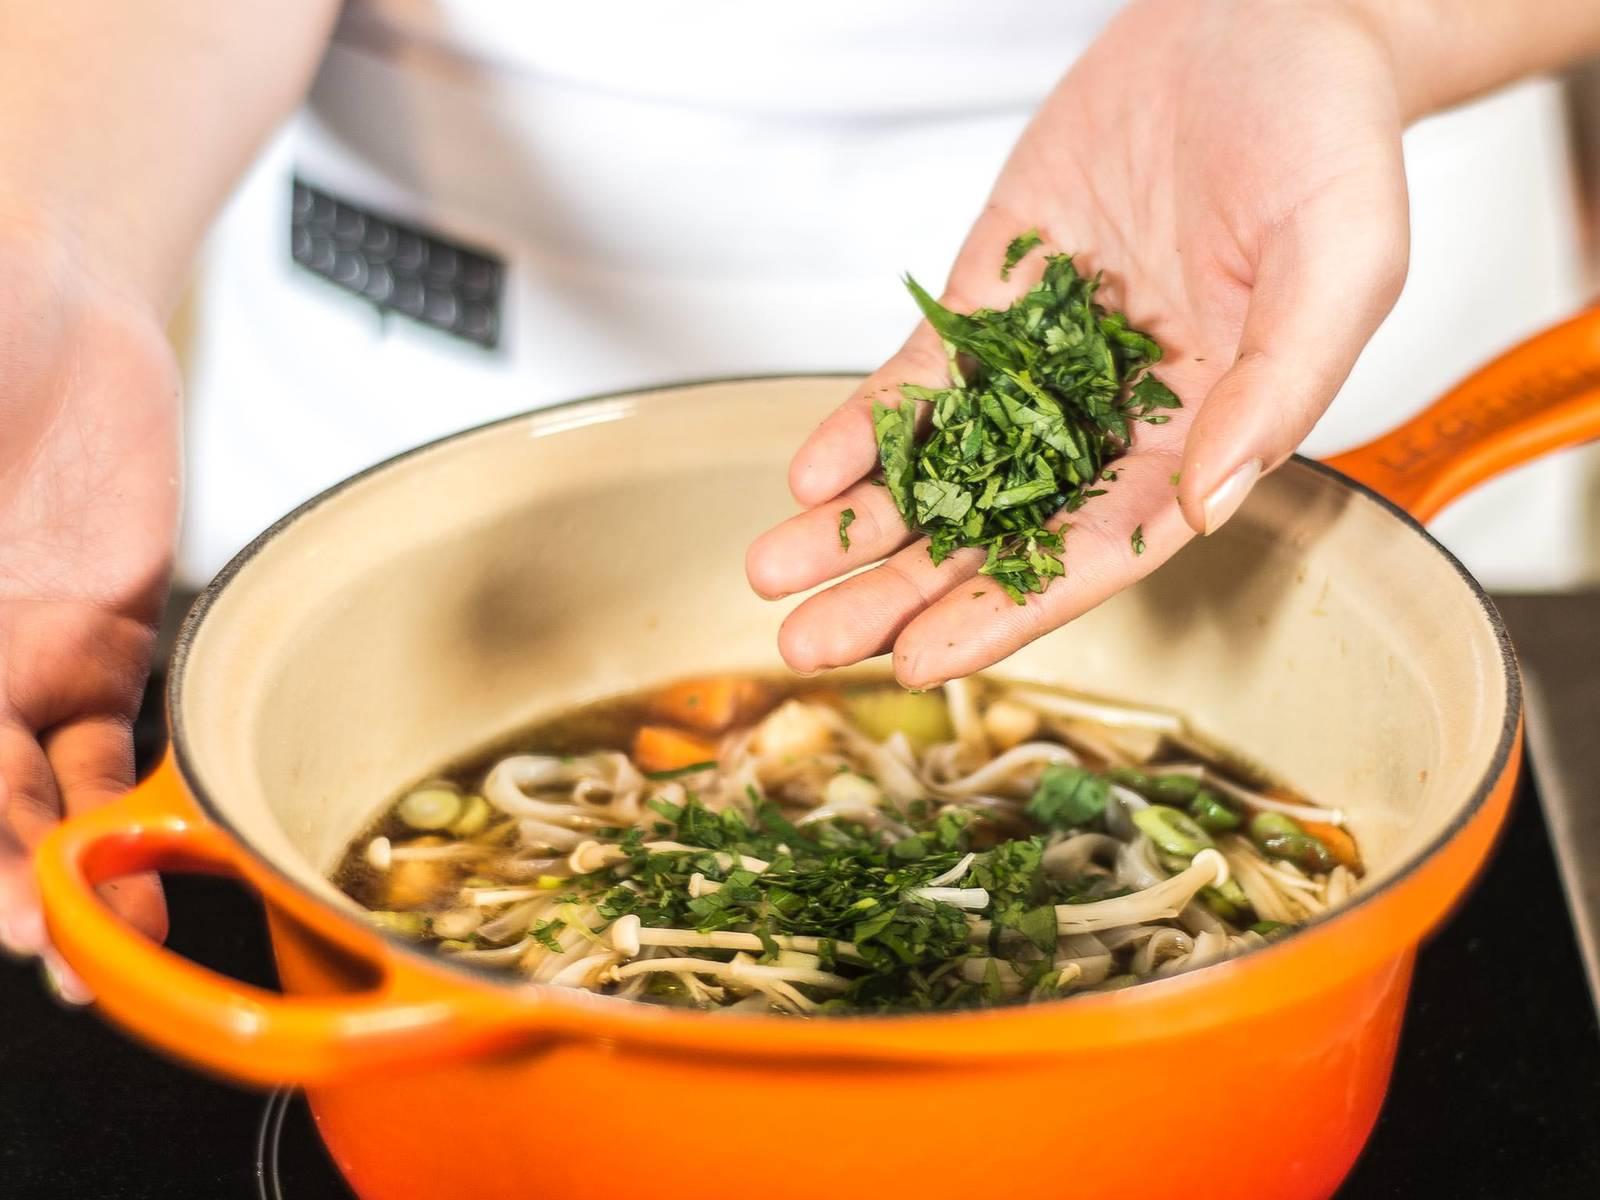 将米粉沥干,与小葱、金针菇及香菜一起加入汤中,停止加热后即刻享用,以保持金针菇的口感与香菜颜色的鲜亮。